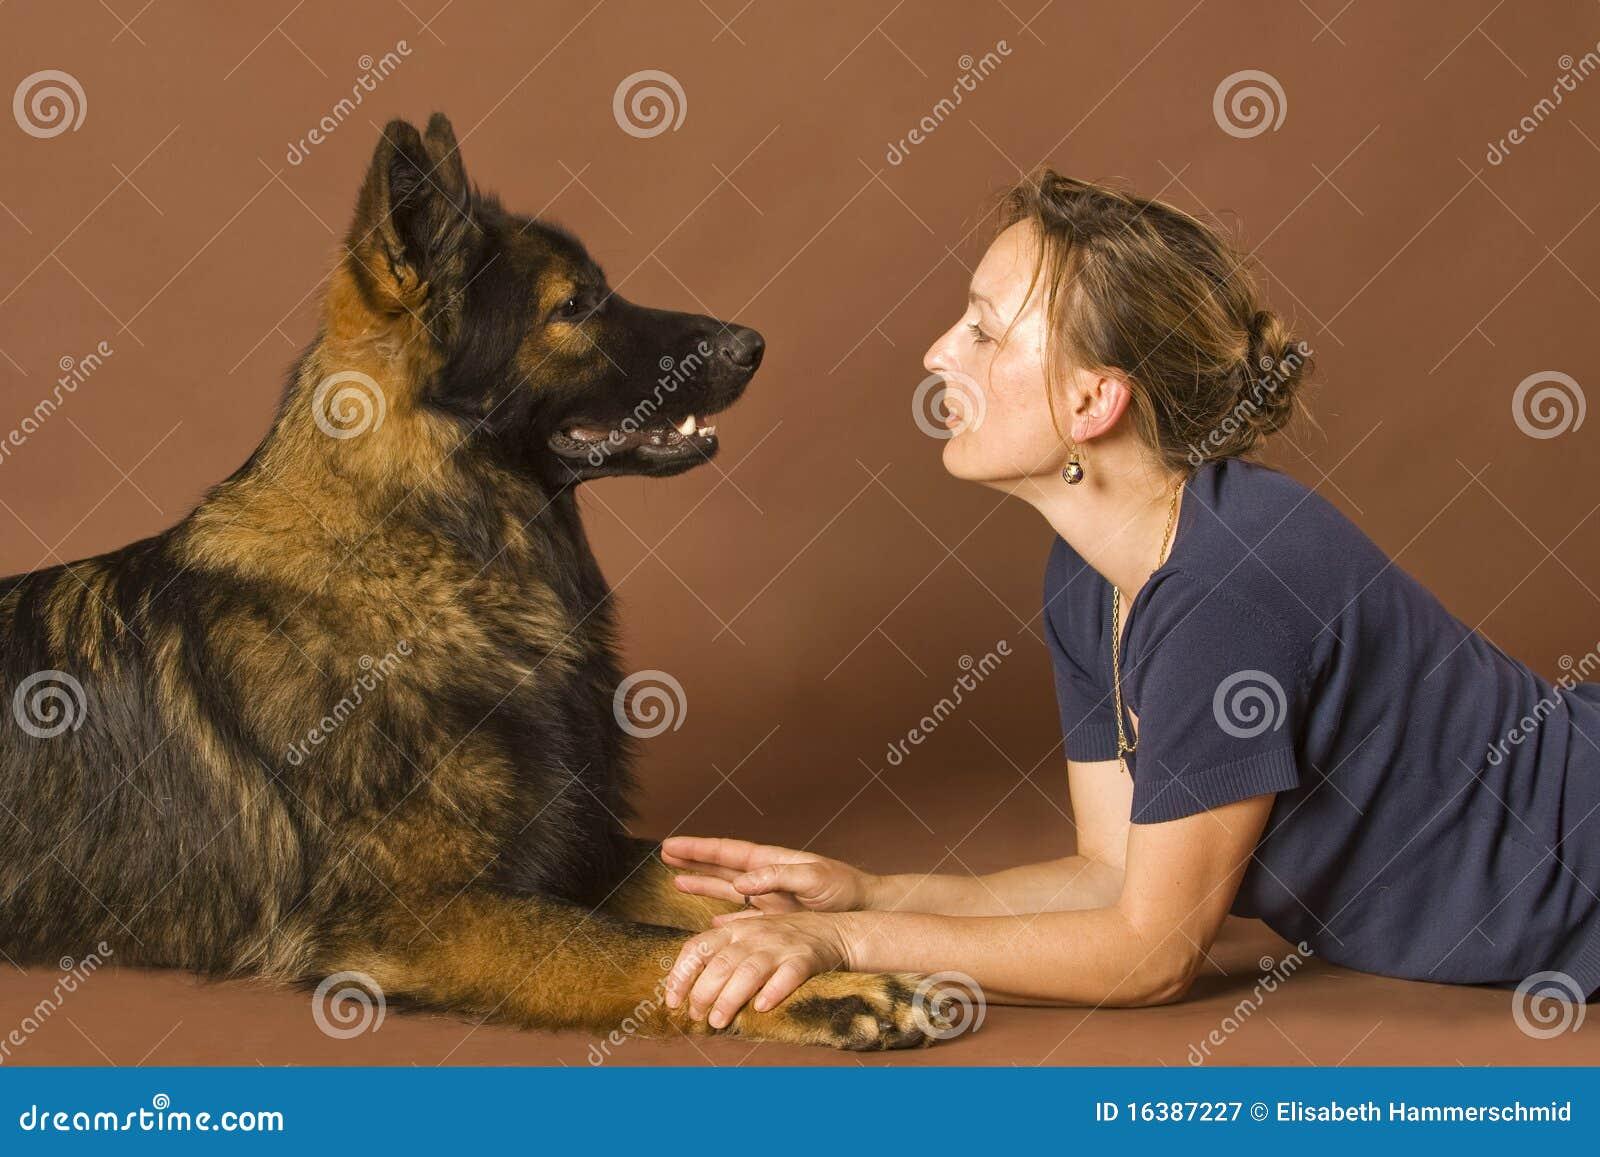 ζωική συζήτηση